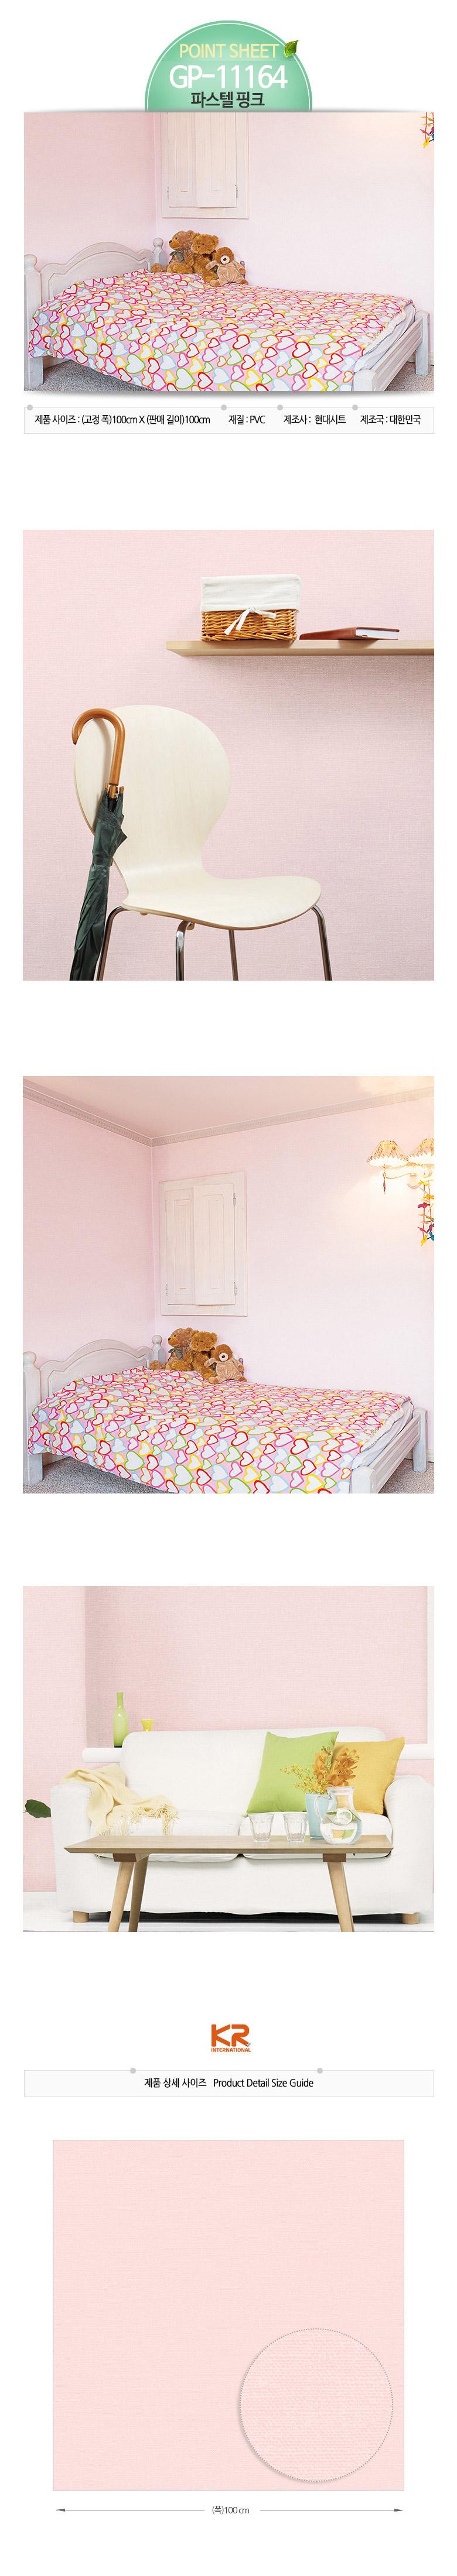 GP-11164 파스텔 핑크 - 케이알인터내셔날, 7,700원, 벽지/시트지, 단색벽지